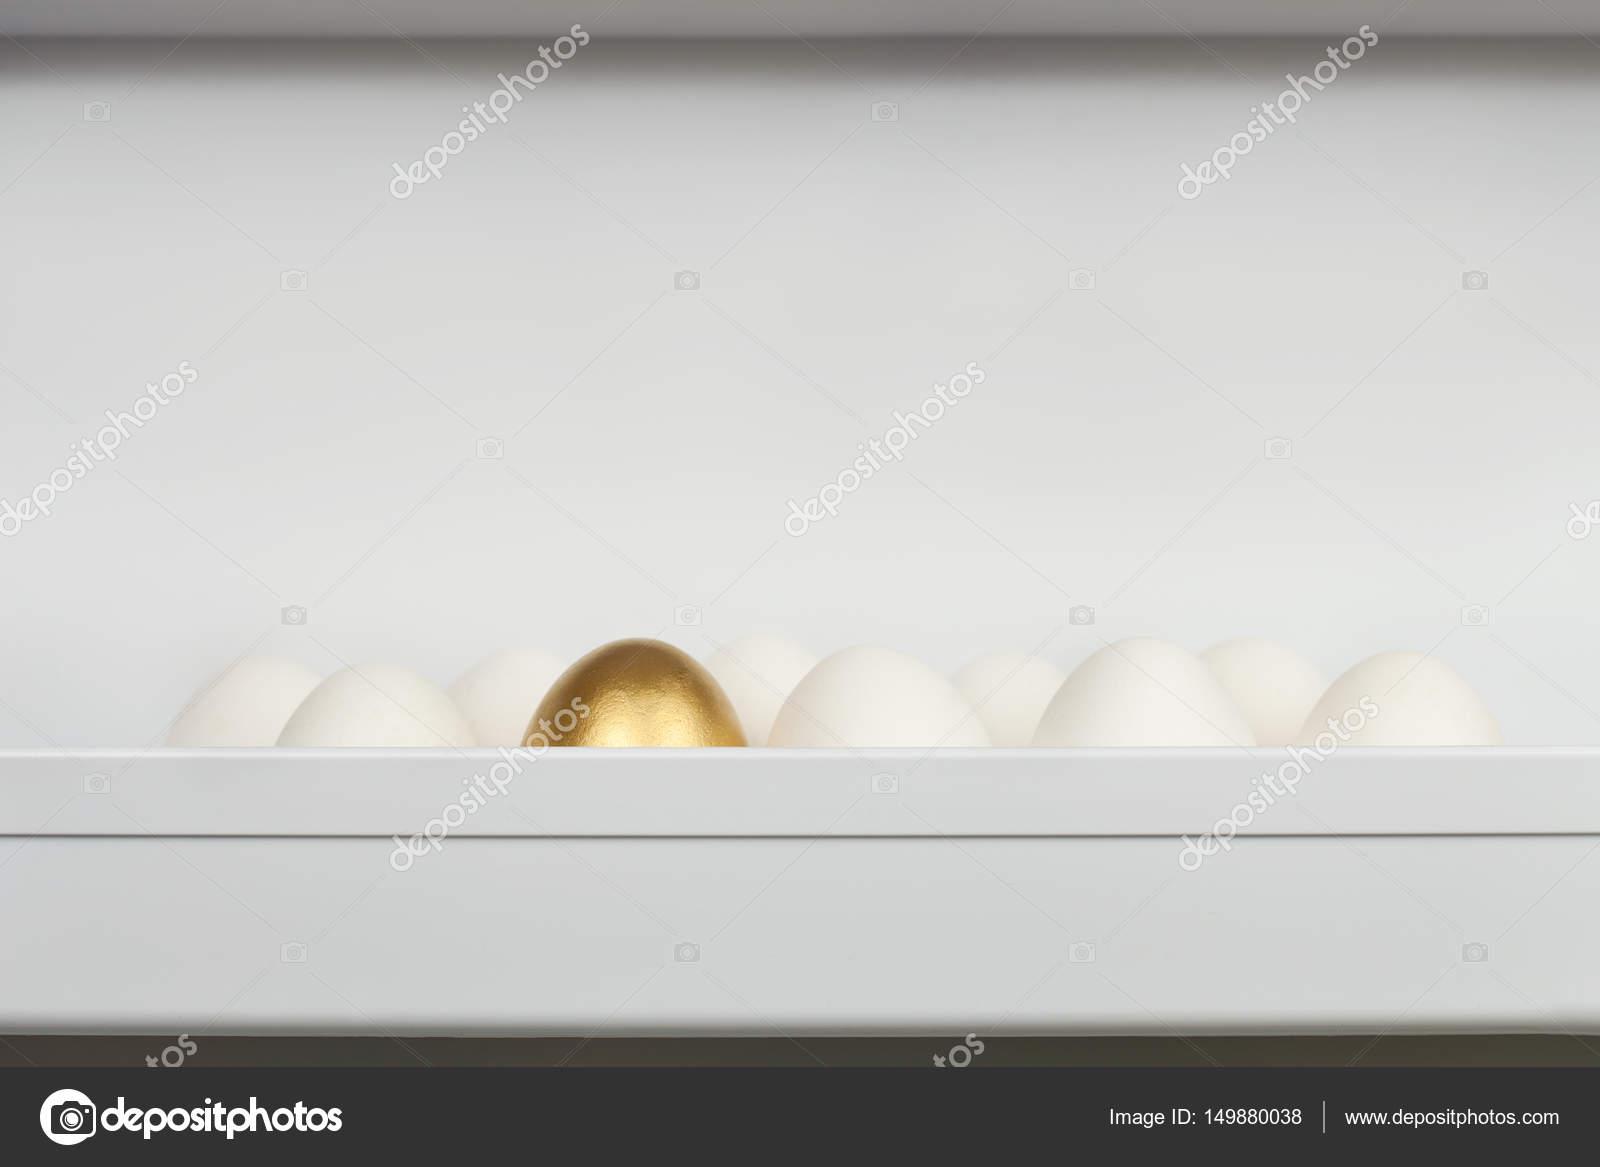 Kühlschrank Ei : Verpackung von hühnereiern auf einem kühlschrank regal mit einem